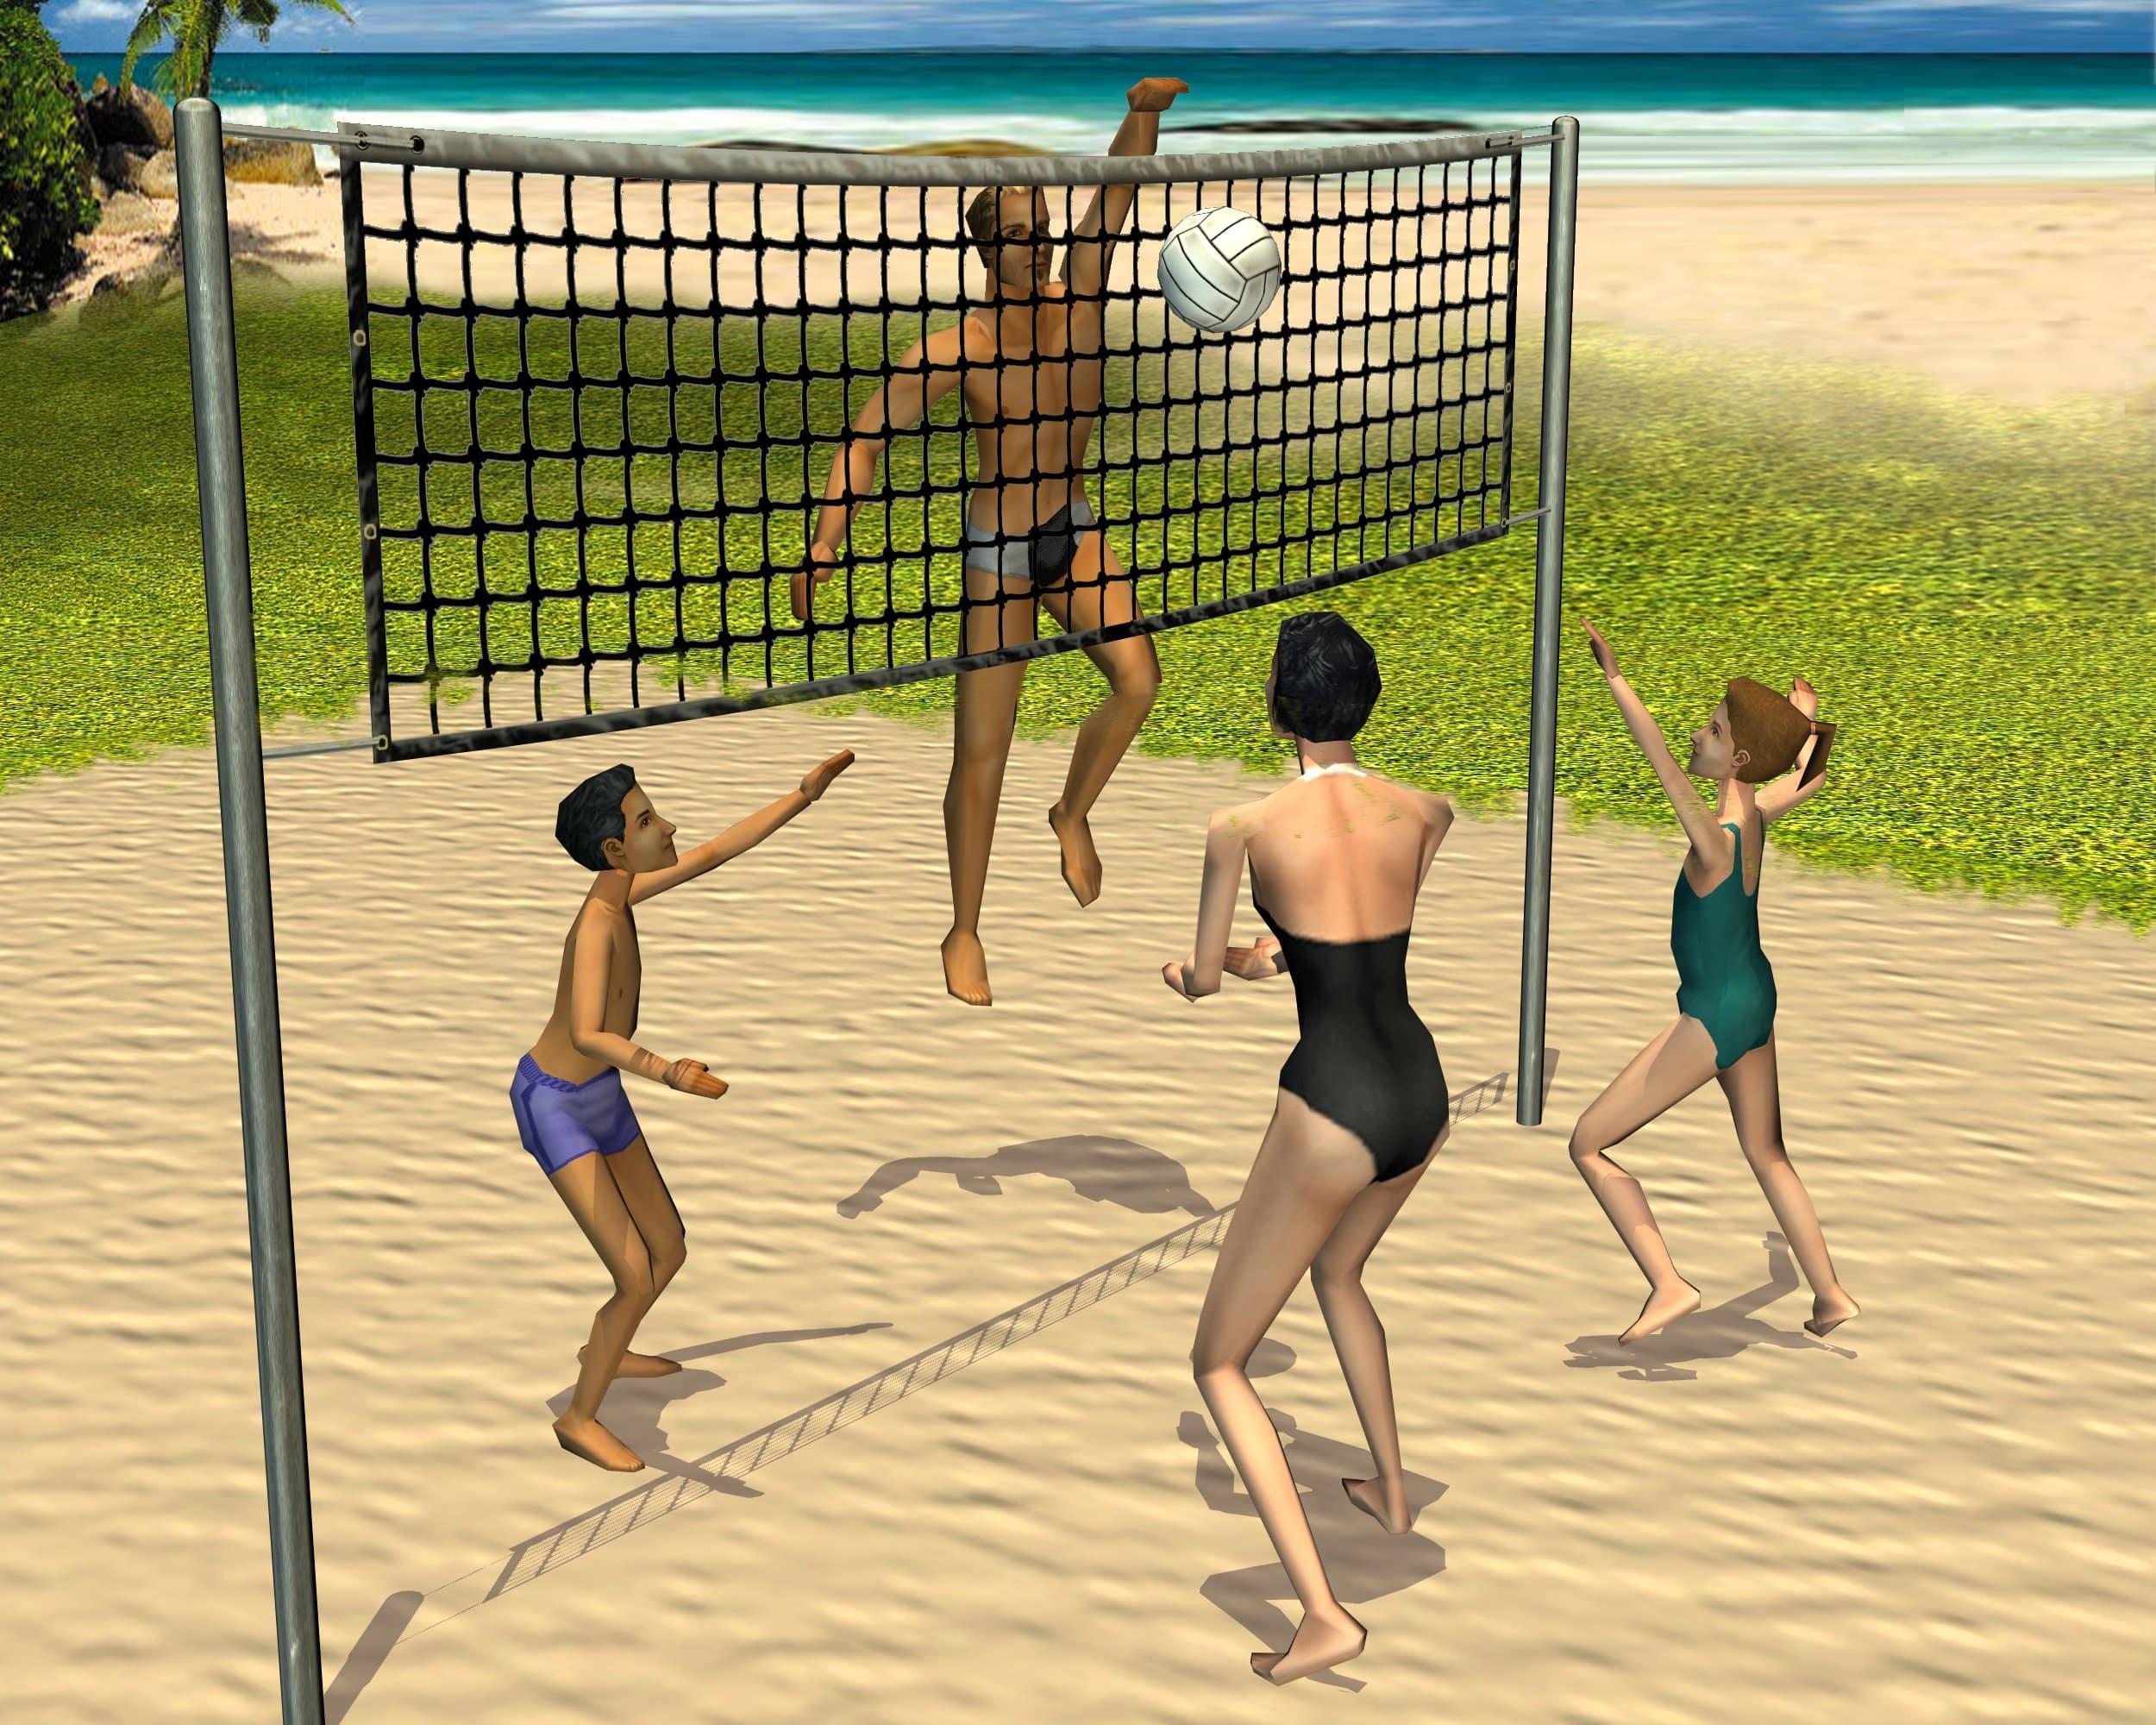 File:Sims1VacationVolleyball.jpg